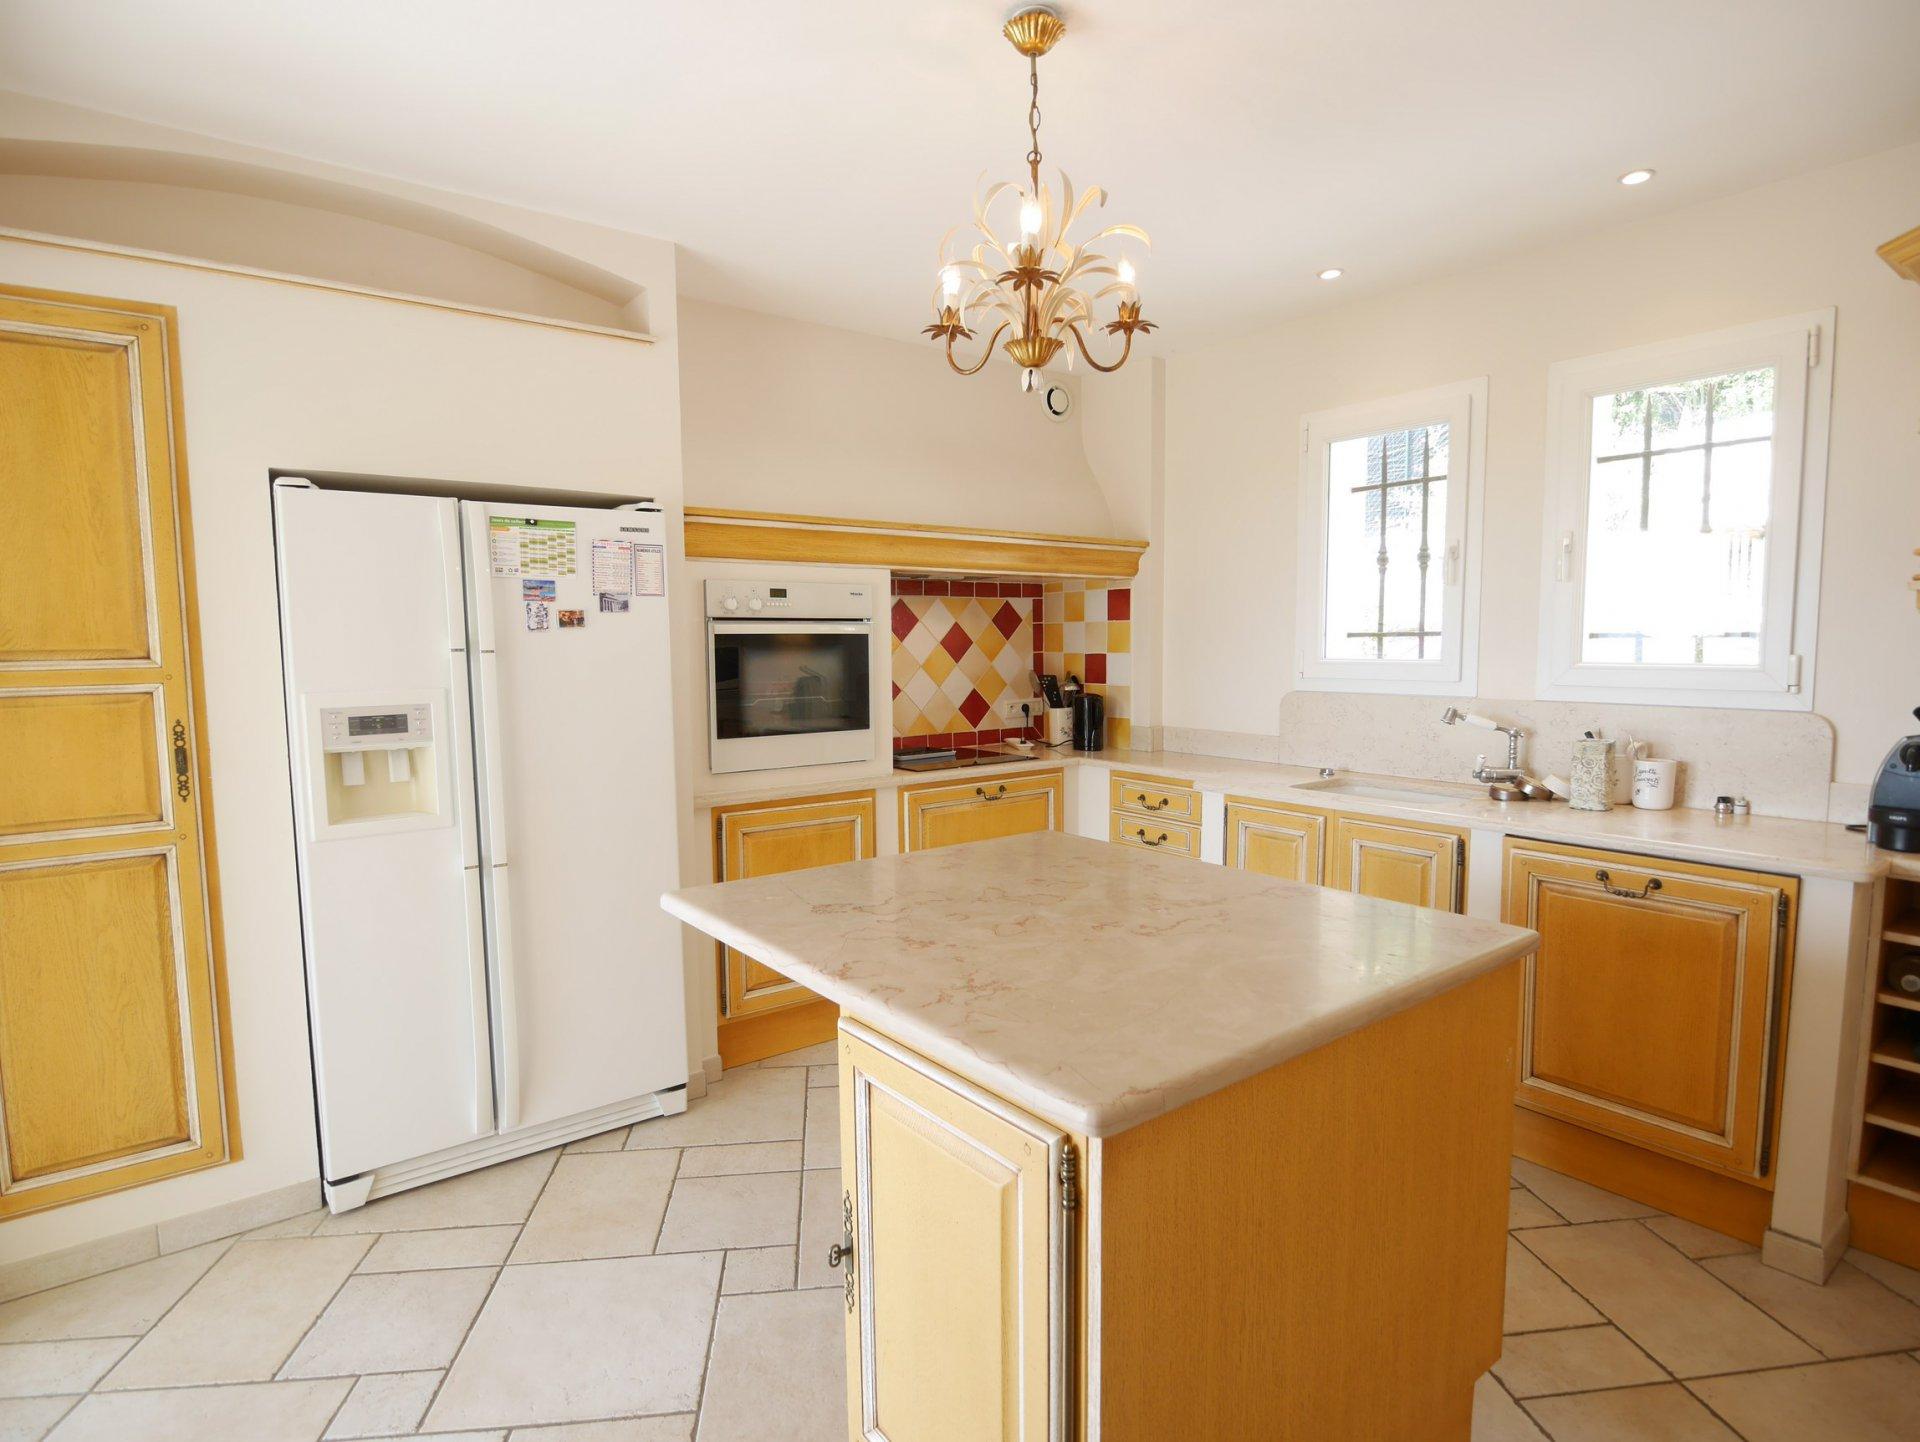 Kitchen island, chandelier, stainless steel